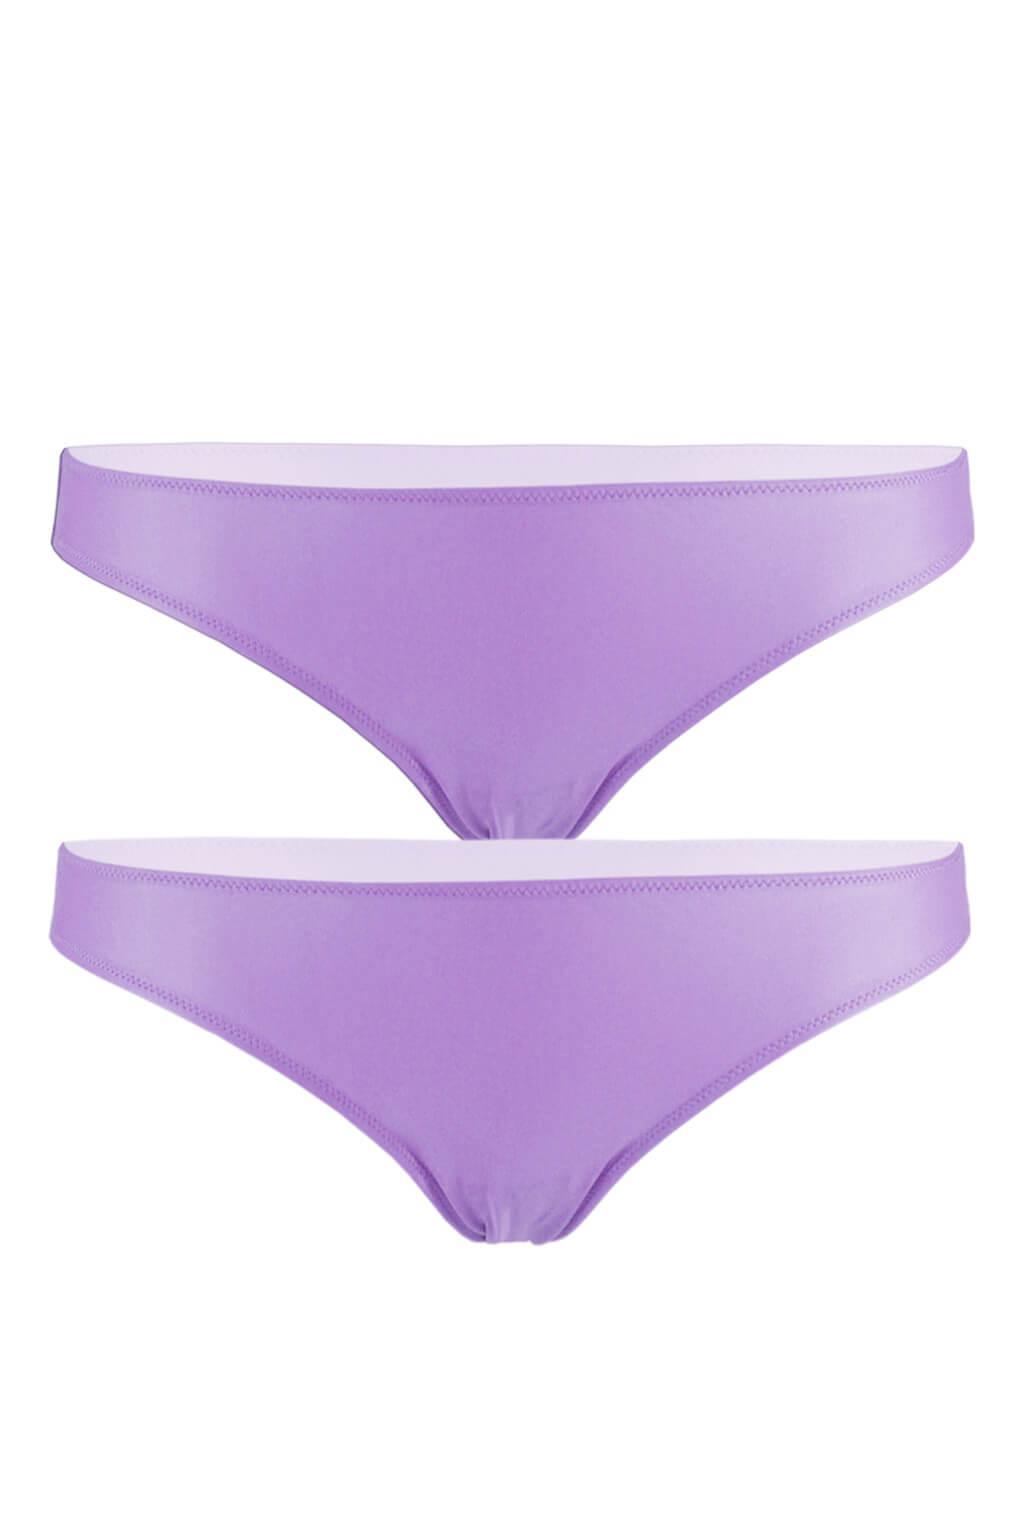 Bellinda kalhotky z mikrovlákna - Micro Slip 2ks S světle fialová